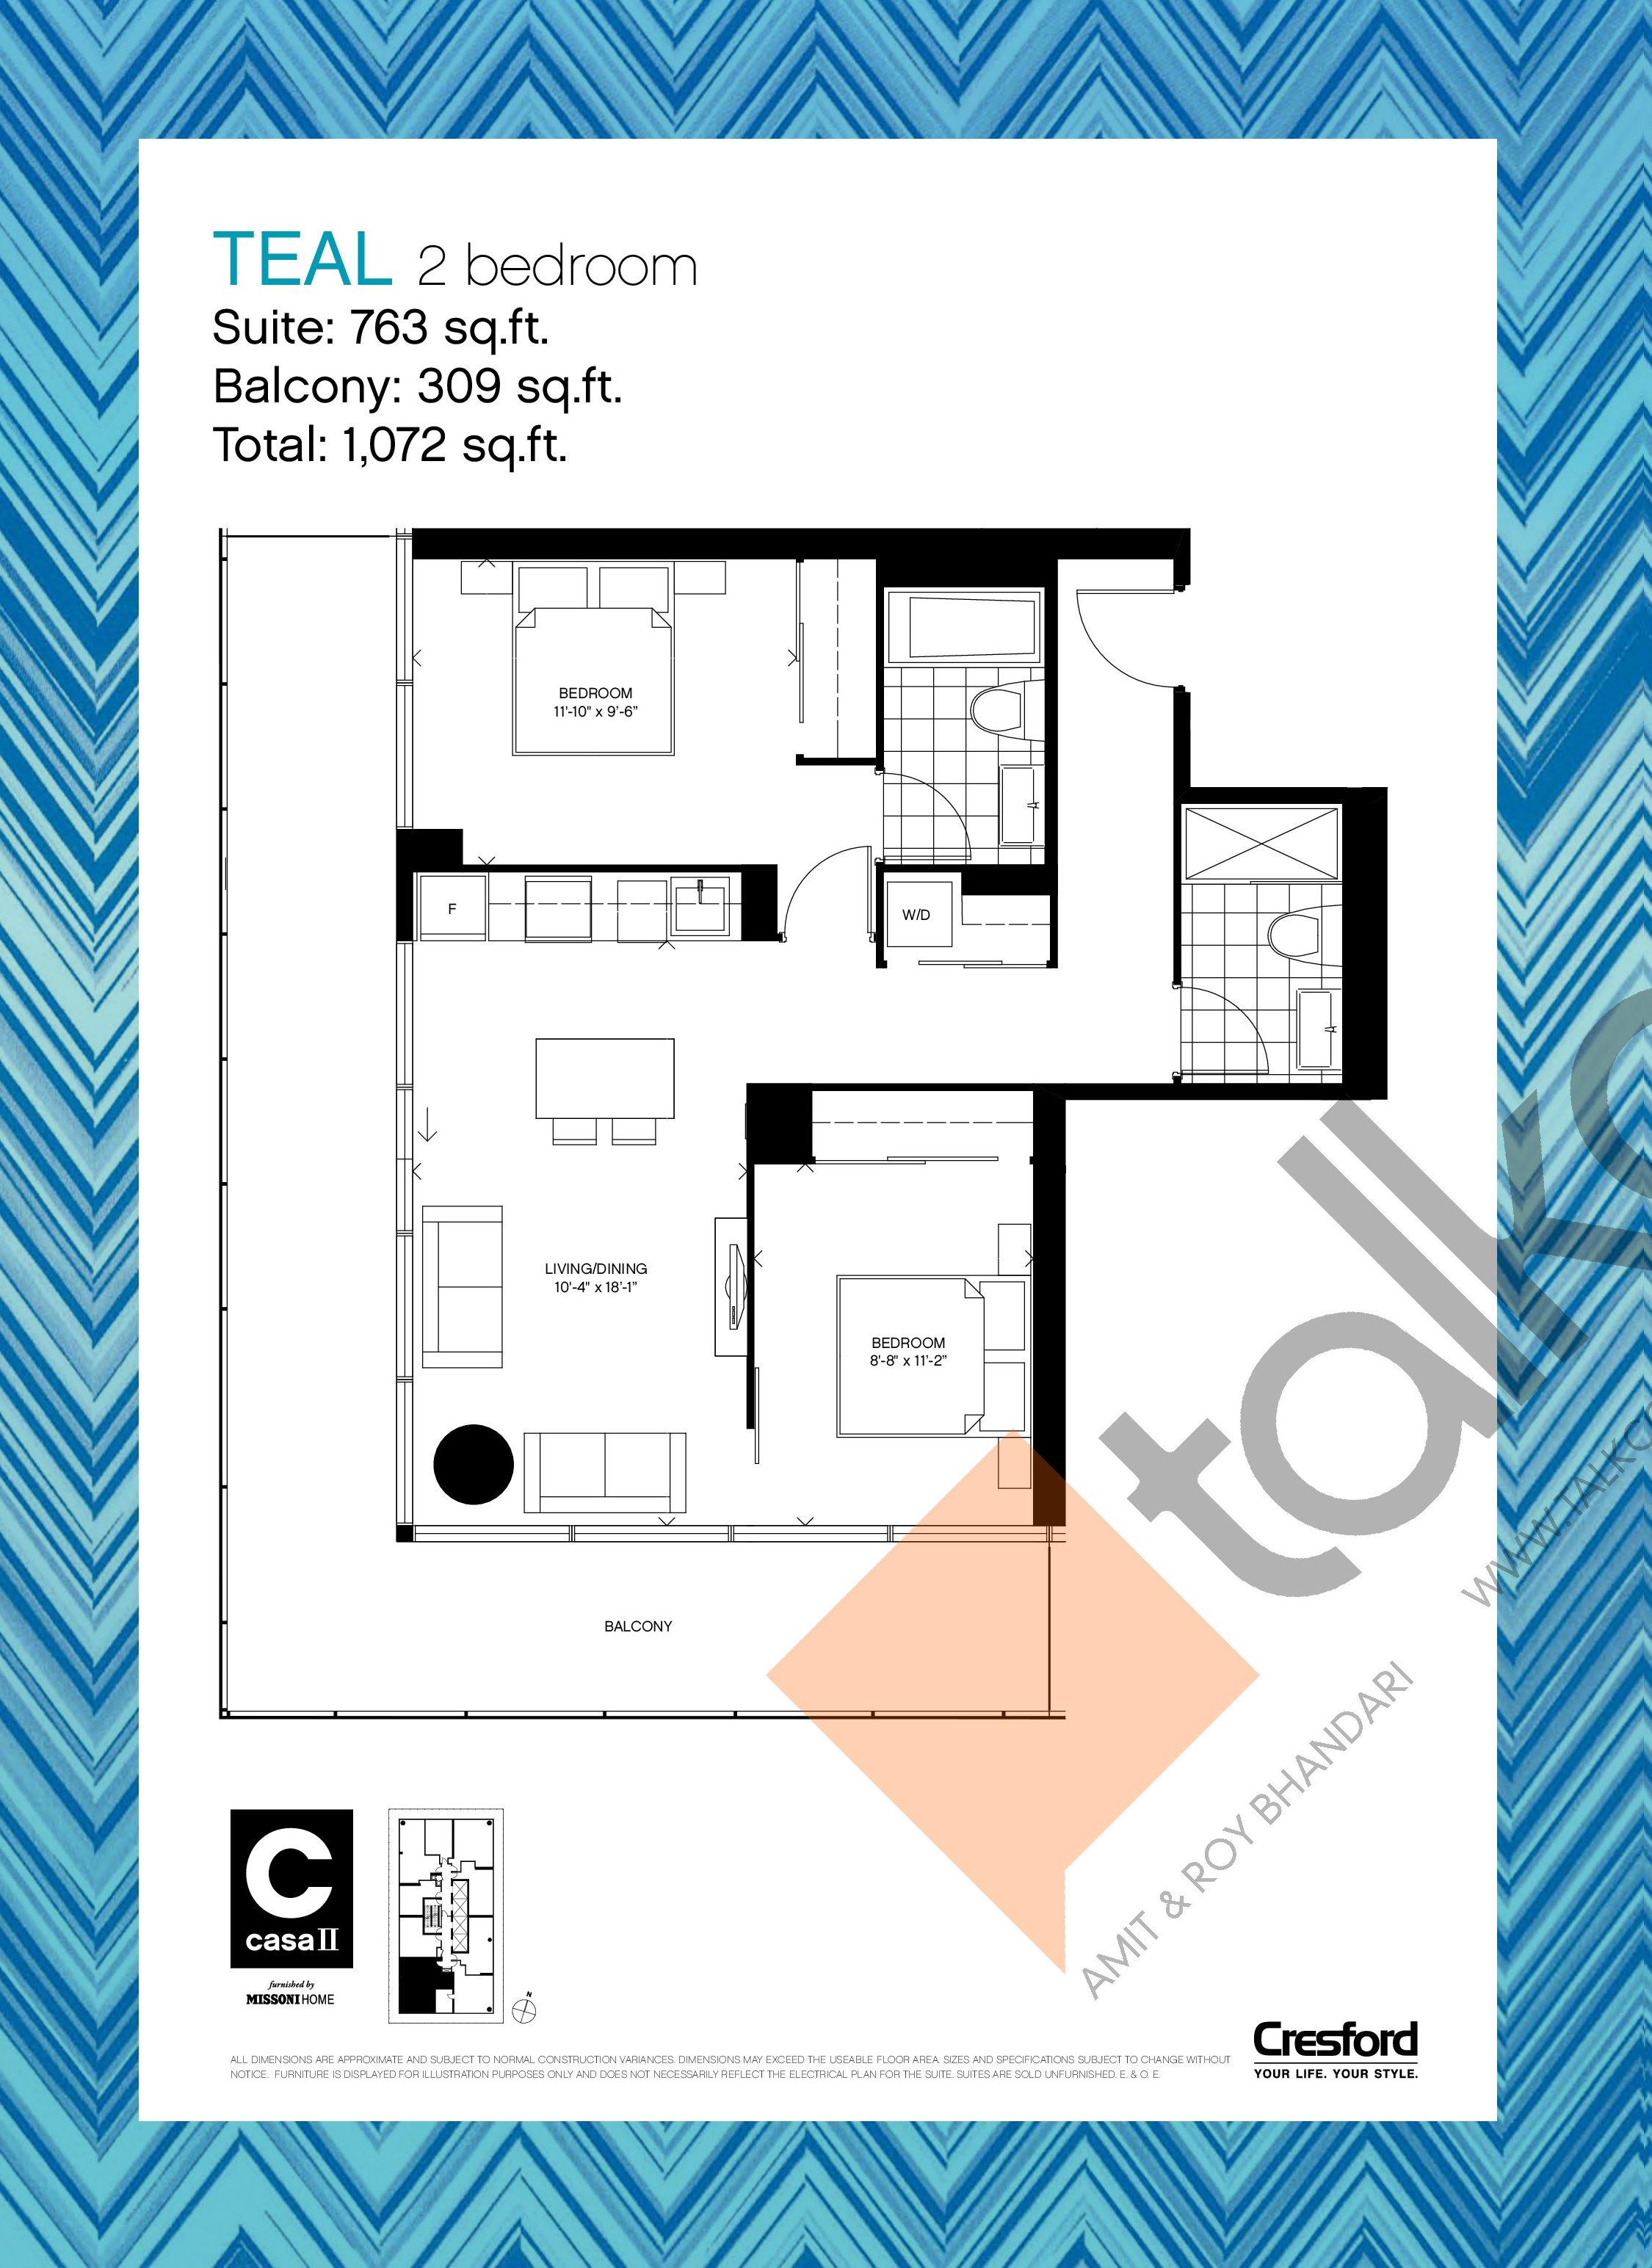 Casa 2 Condos Talkcondo Bedroom Electrical Plan Teal Floor At 763 Sqft